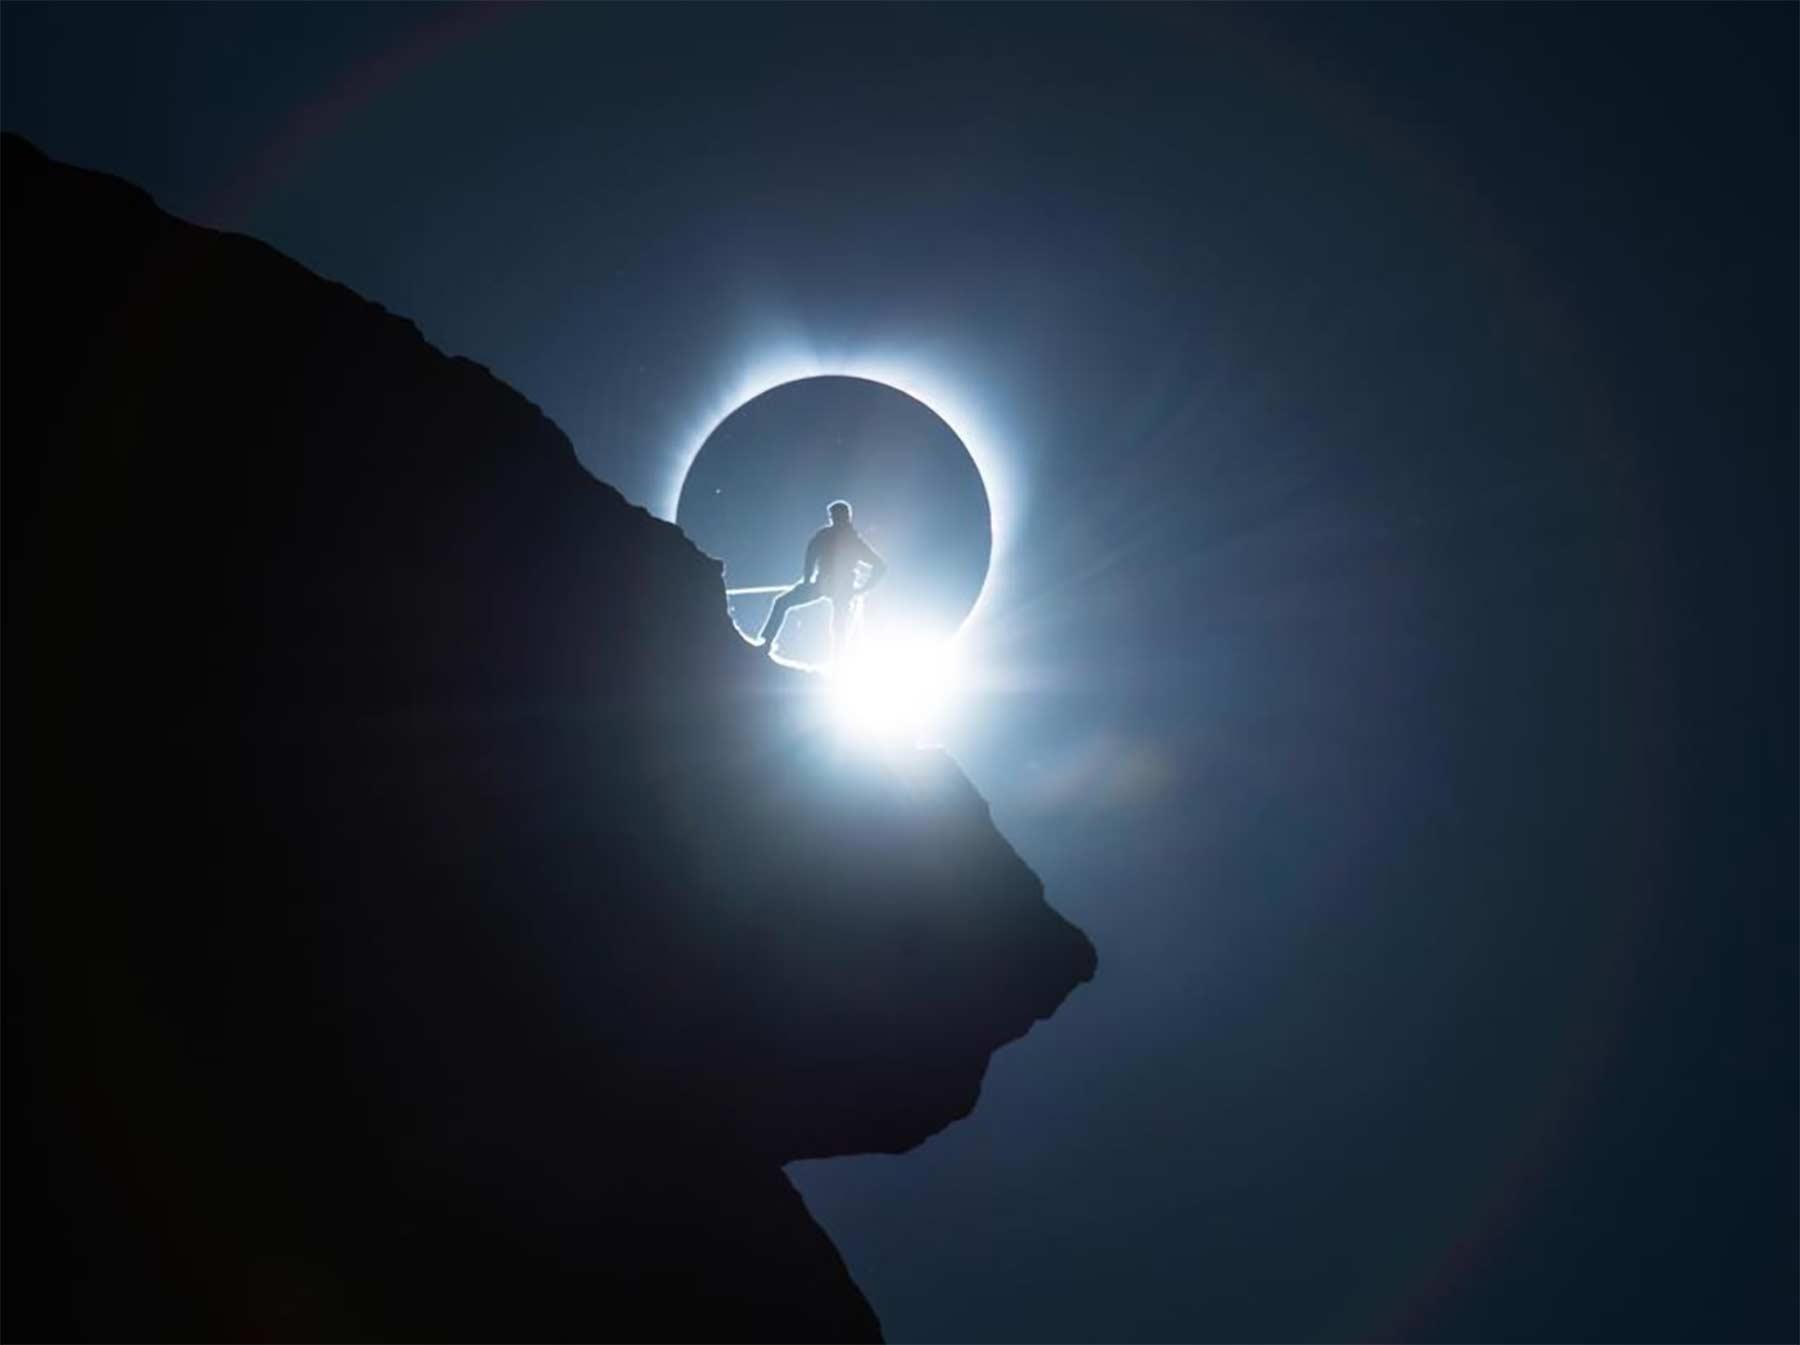 Wie Ted Hesser dieses geniale Sonnenfinsternis-Foto gemacht hat